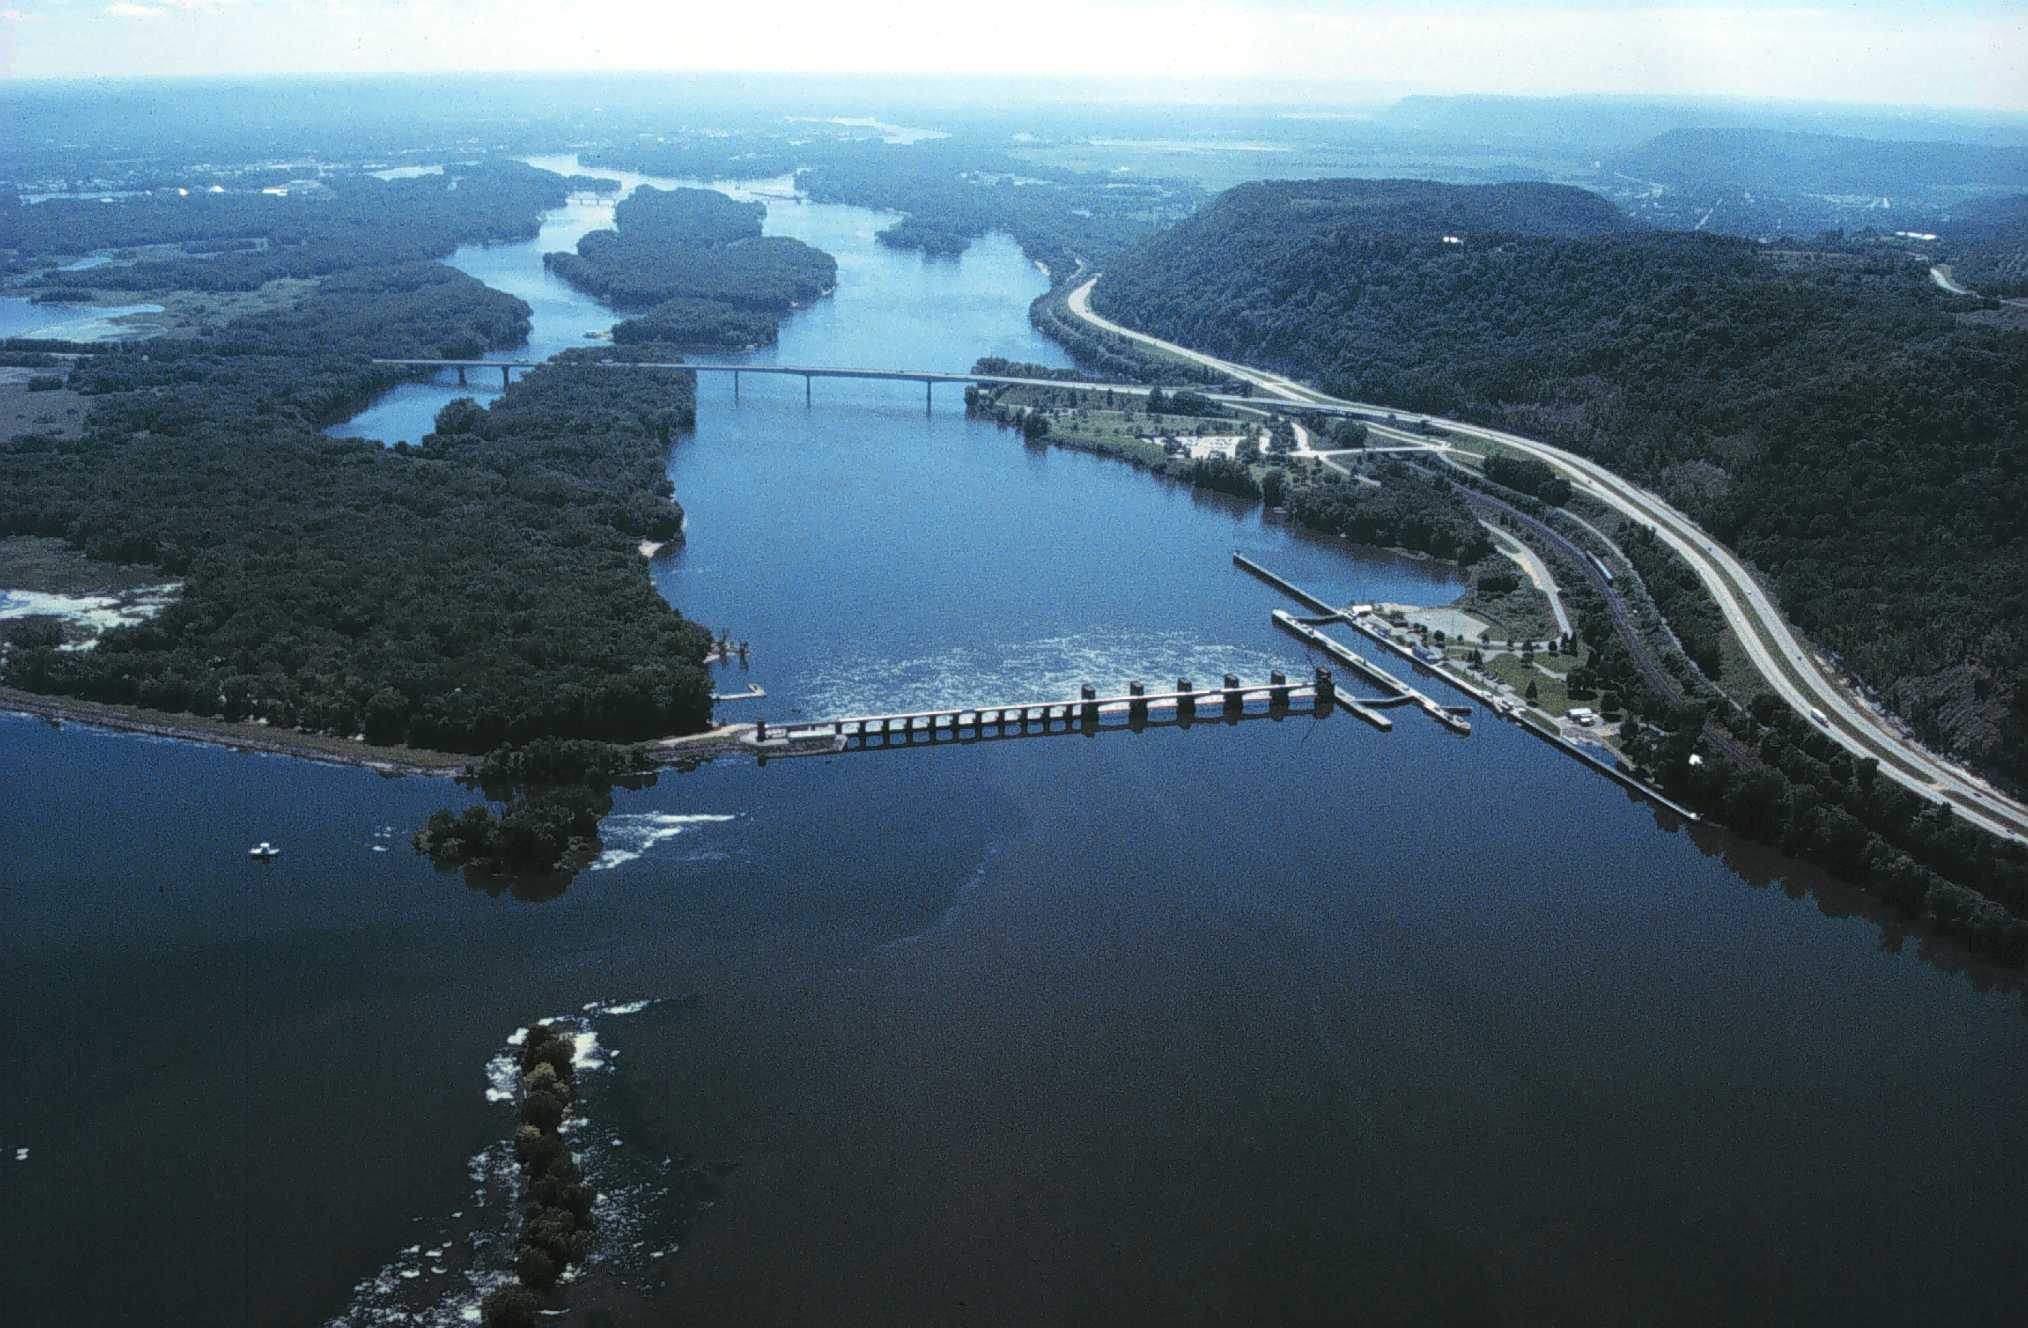 بالصور اكبر نهر في العالم , صور لاكبر نهر في العالم 1708 7